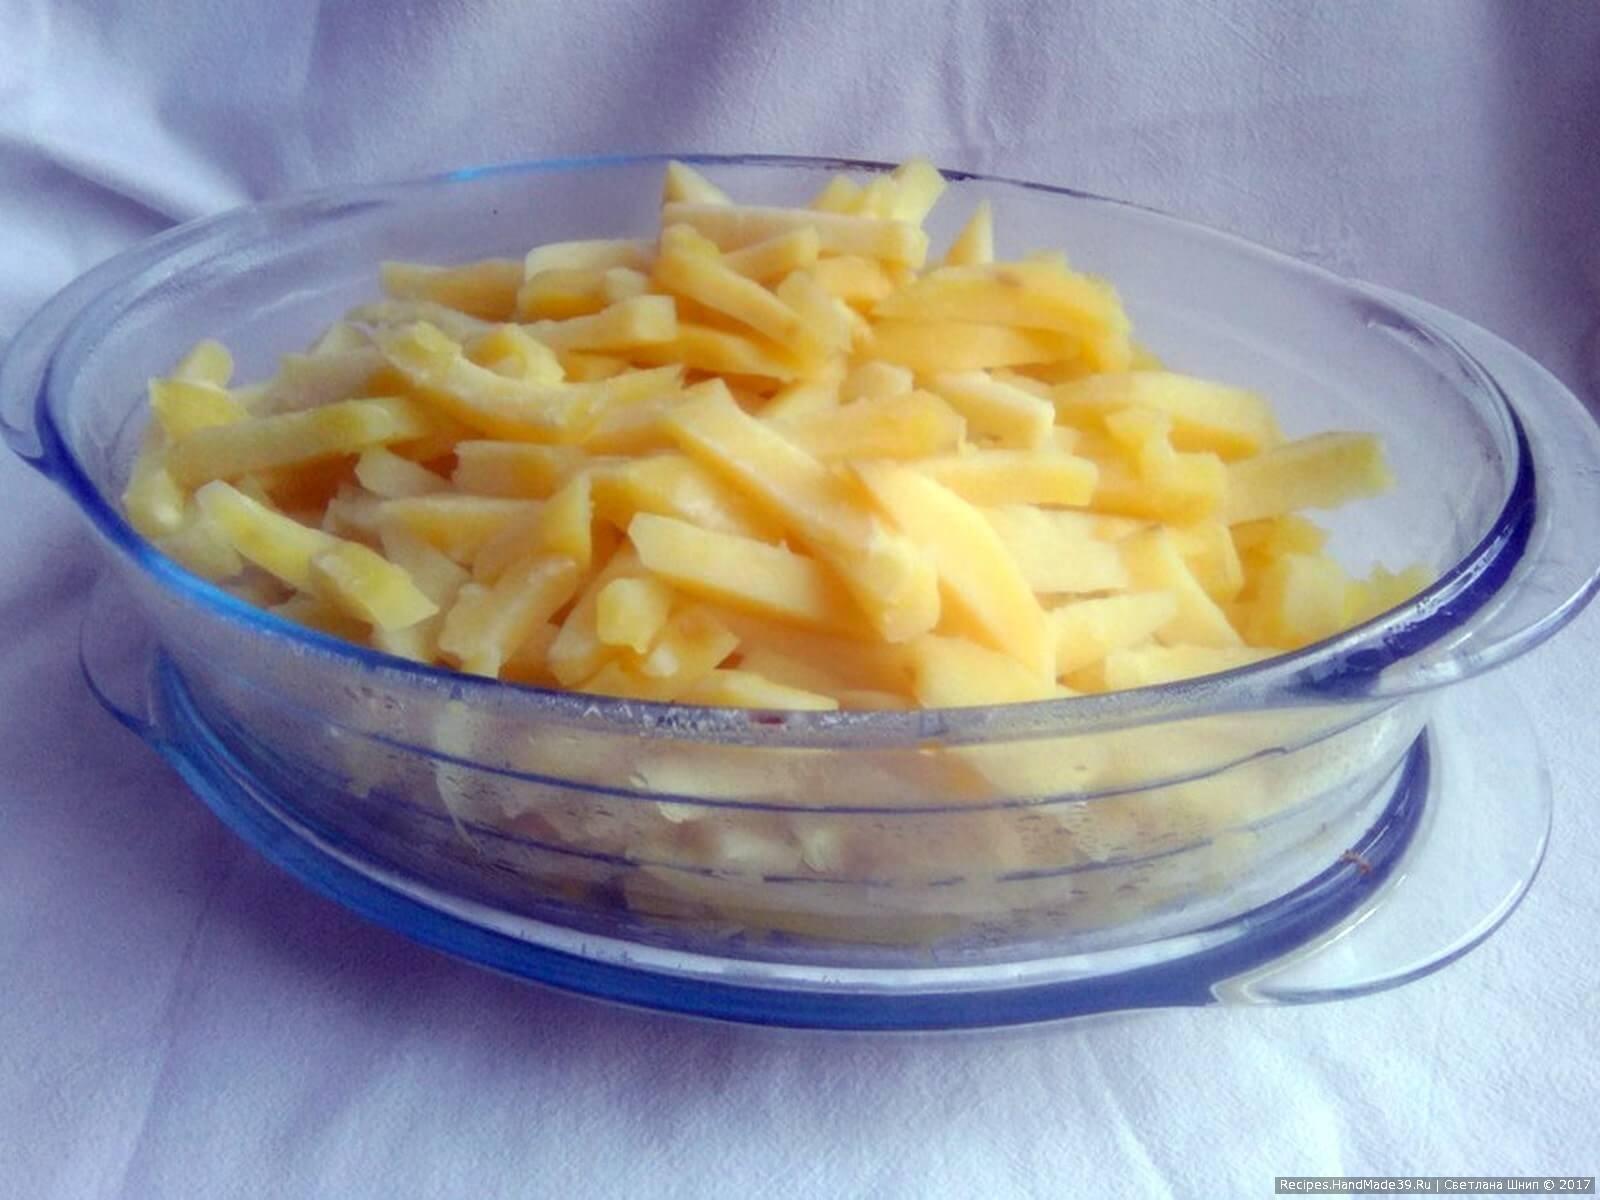 Основную массу картофеля сложить в форму для запекания